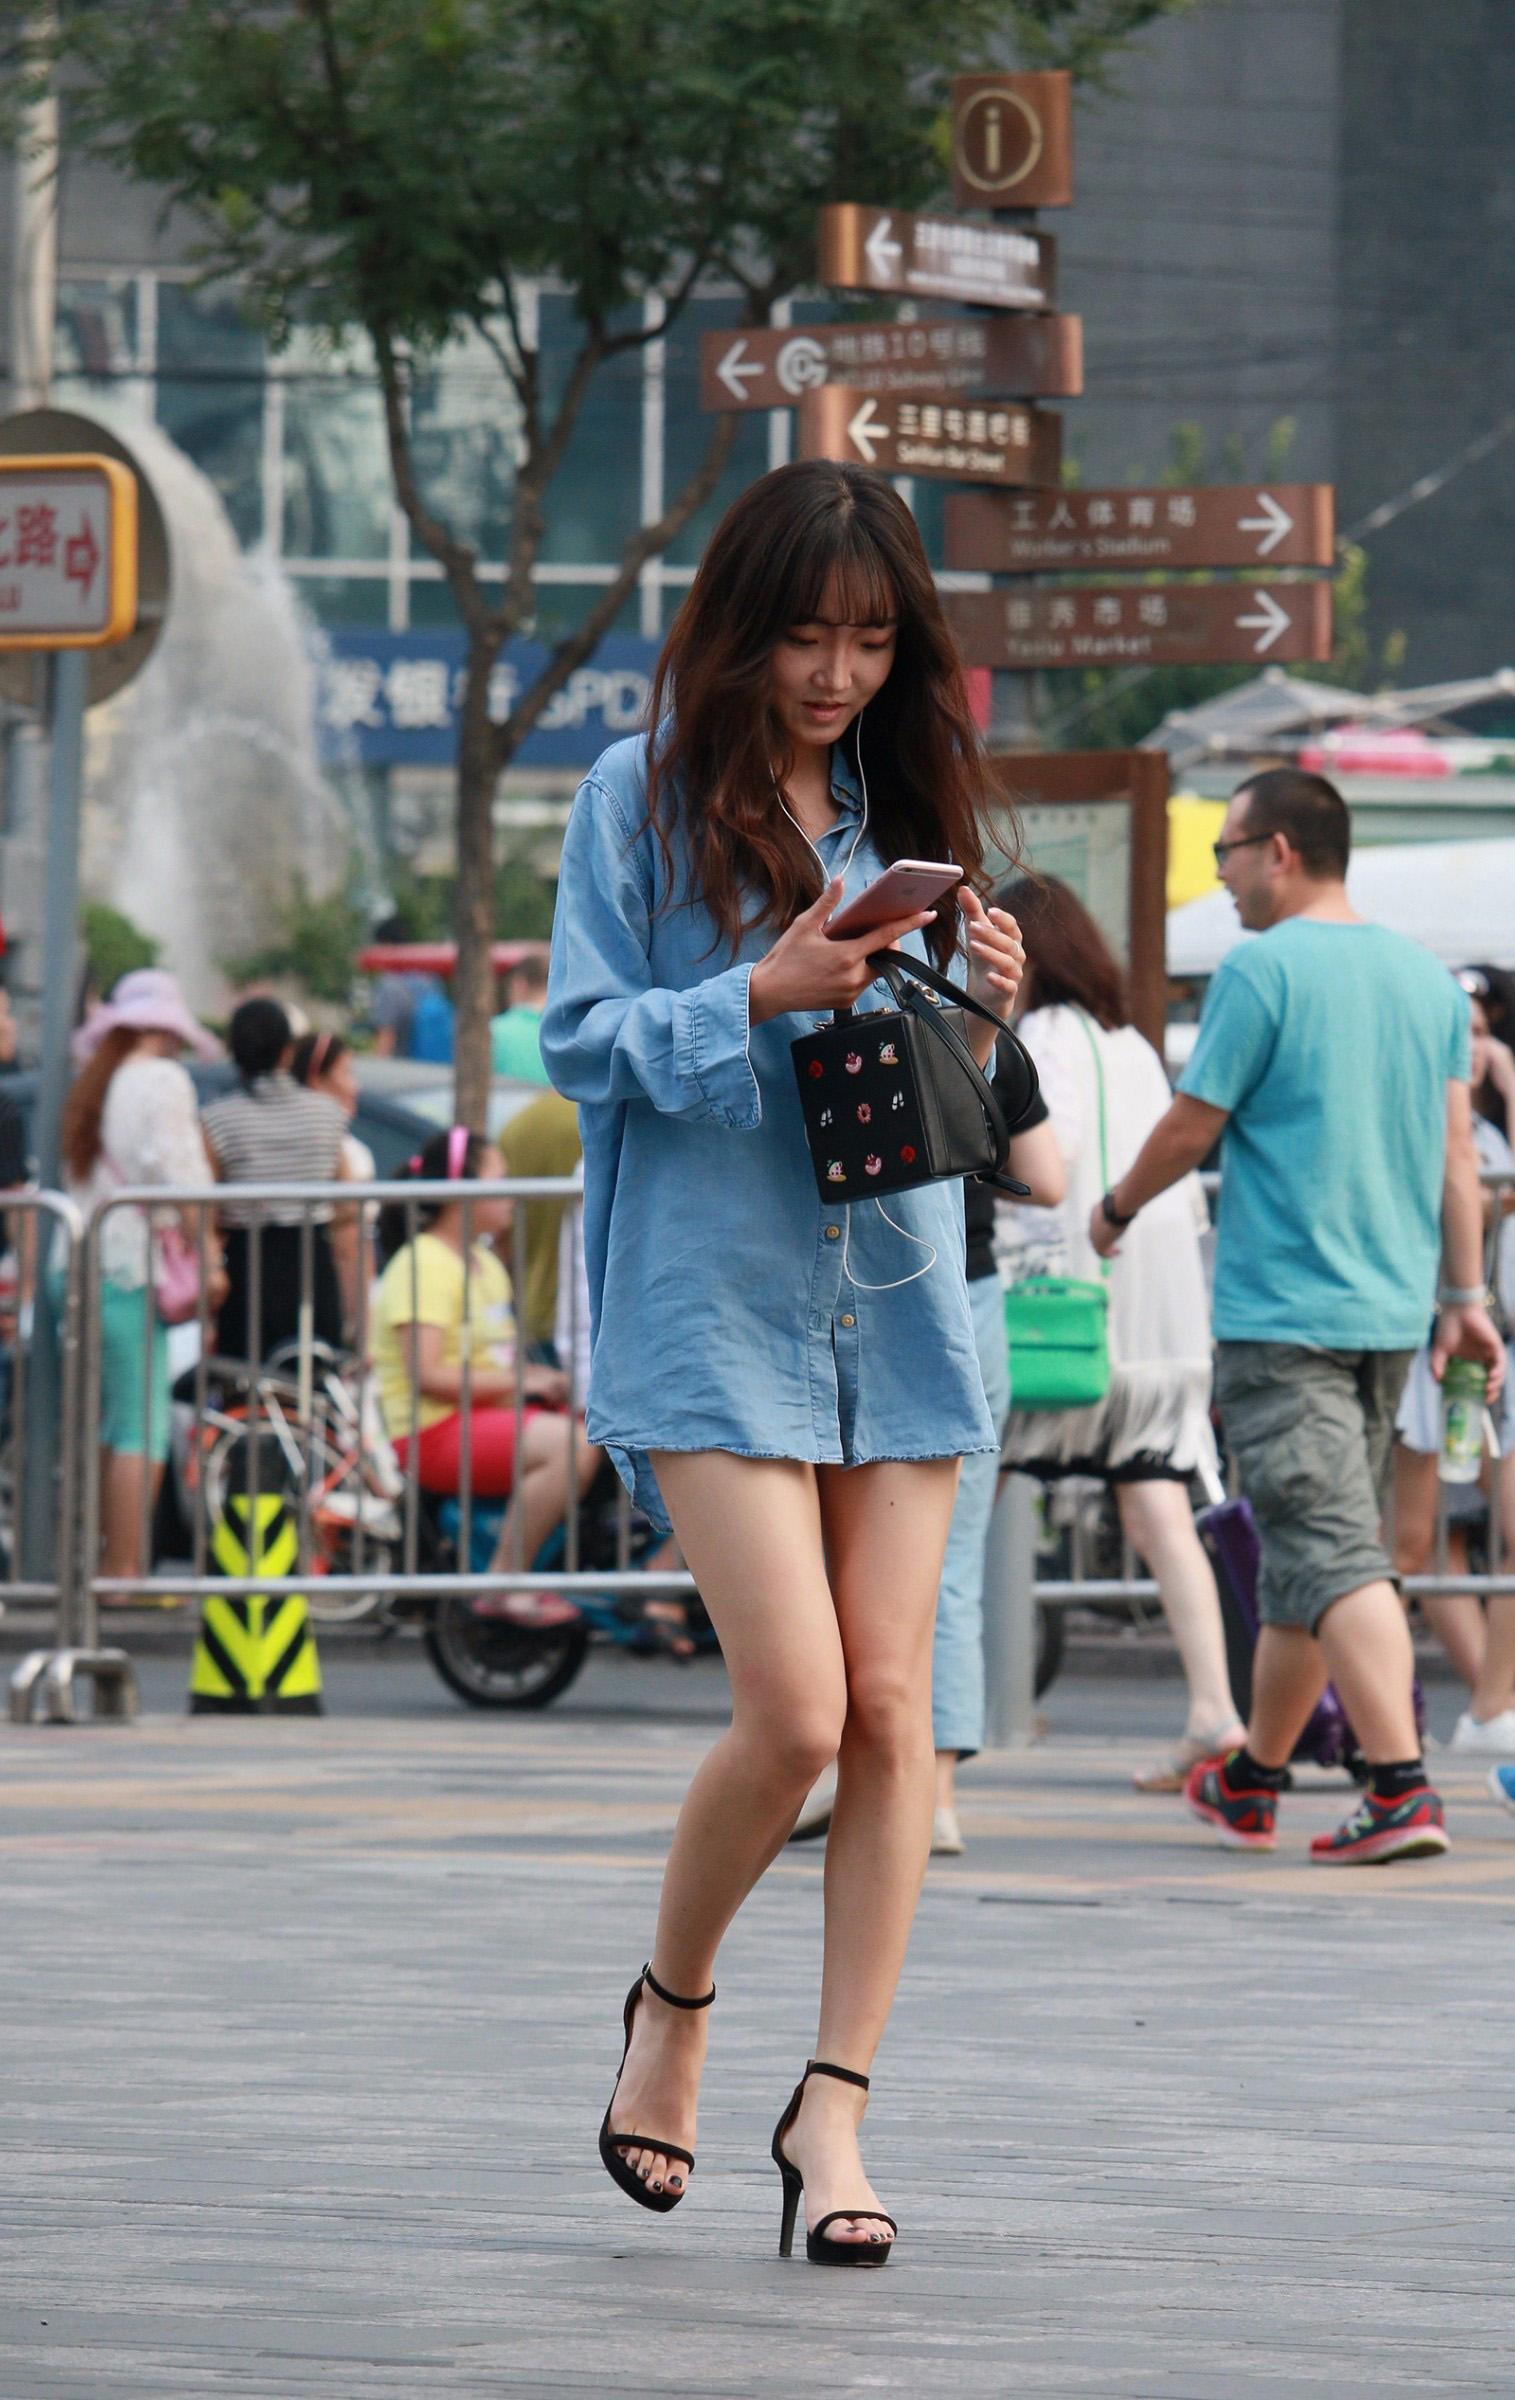 摄像师街拍好闺蜜逛街购物